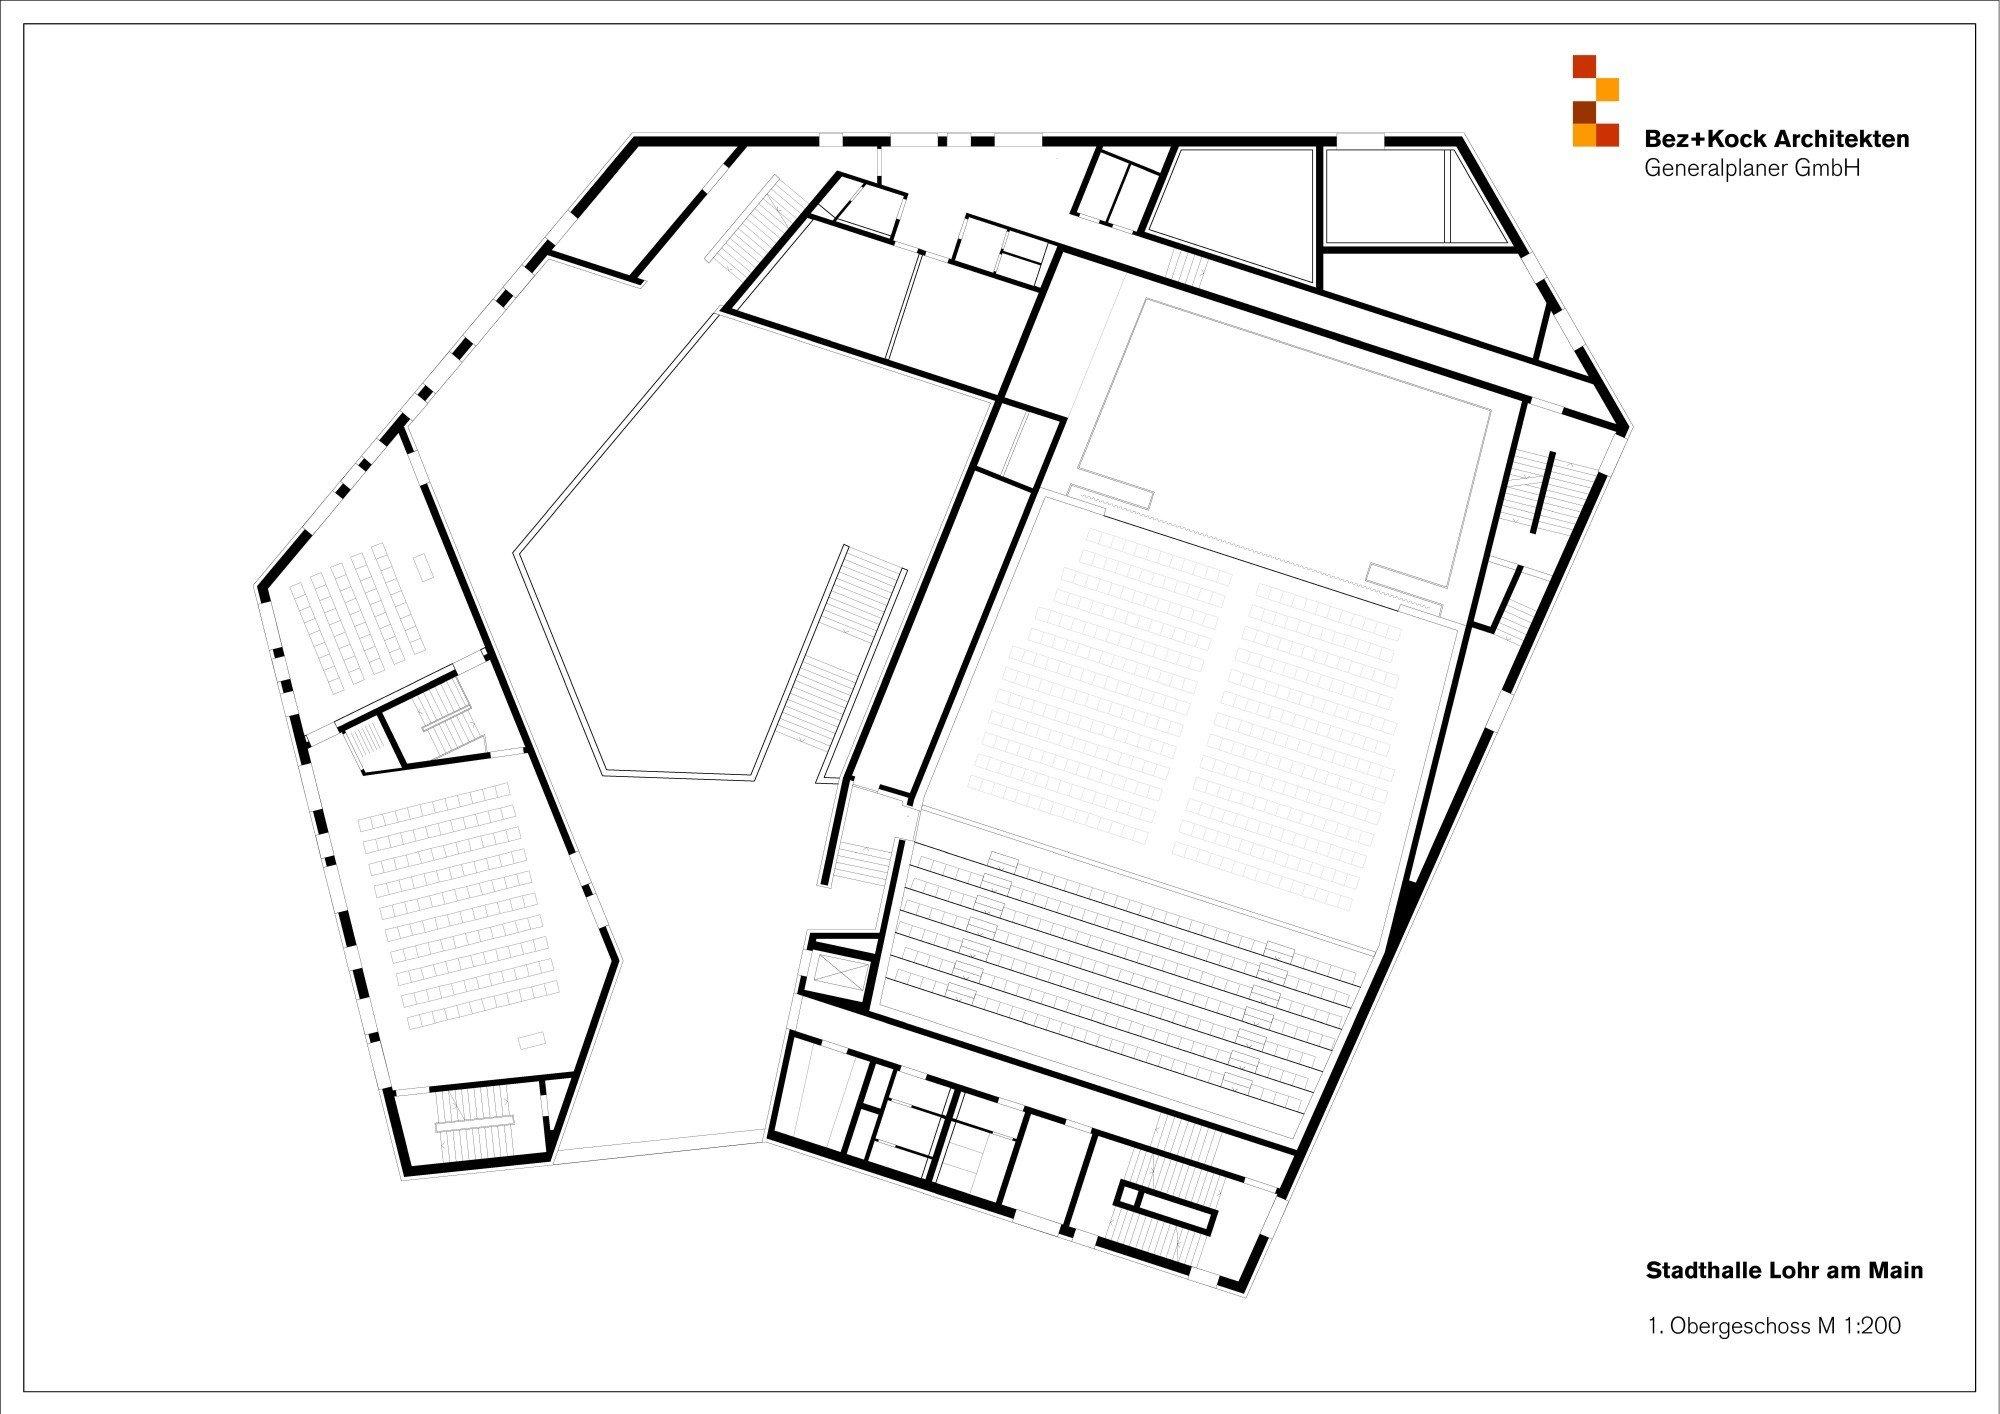 stadthalle in lohr am main mauerwerk kultur baunetz wissen. Black Bedroom Furniture Sets. Home Design Ideas